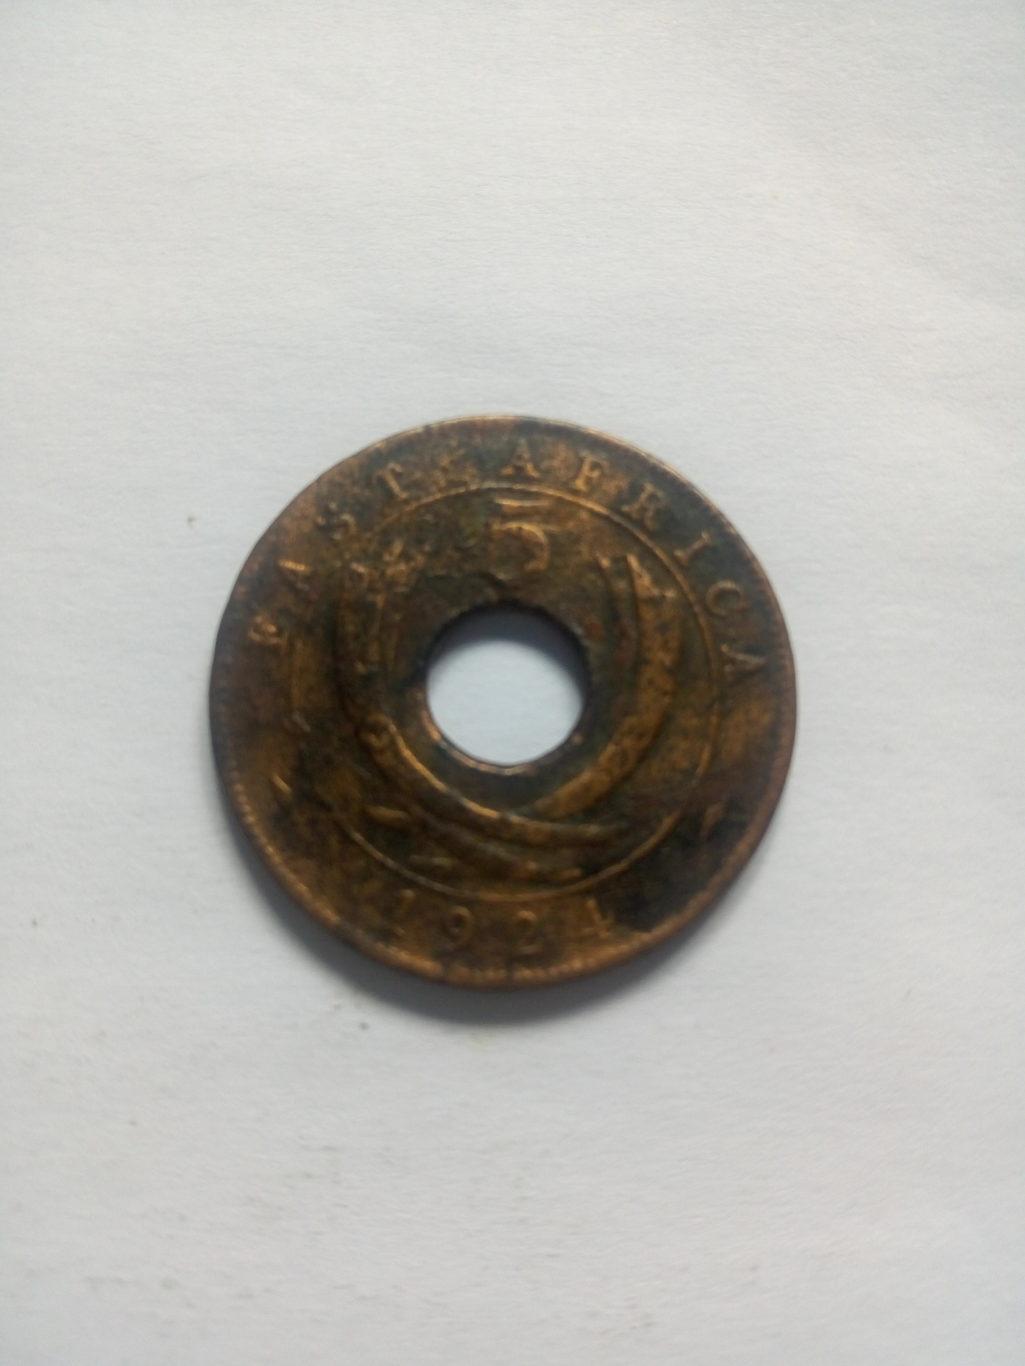 1924_georgivs V 5 cents